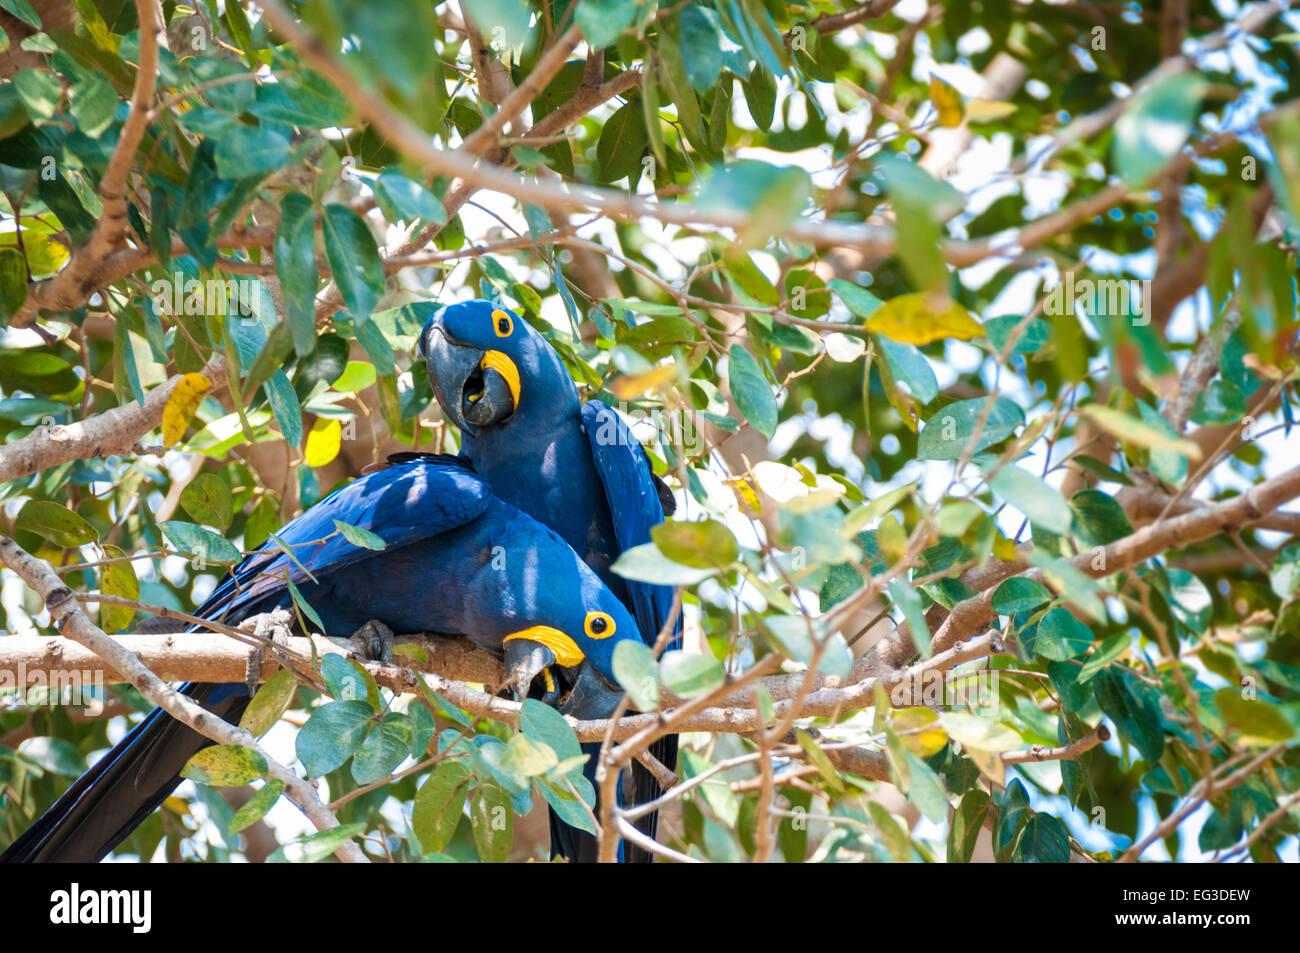 Una coppia di Giacinto Macaws, Anodorhynchus hyacinthinus, appollaiato in un albero, Pantanal, Mato Grosso, Brasile, Immagini Stock